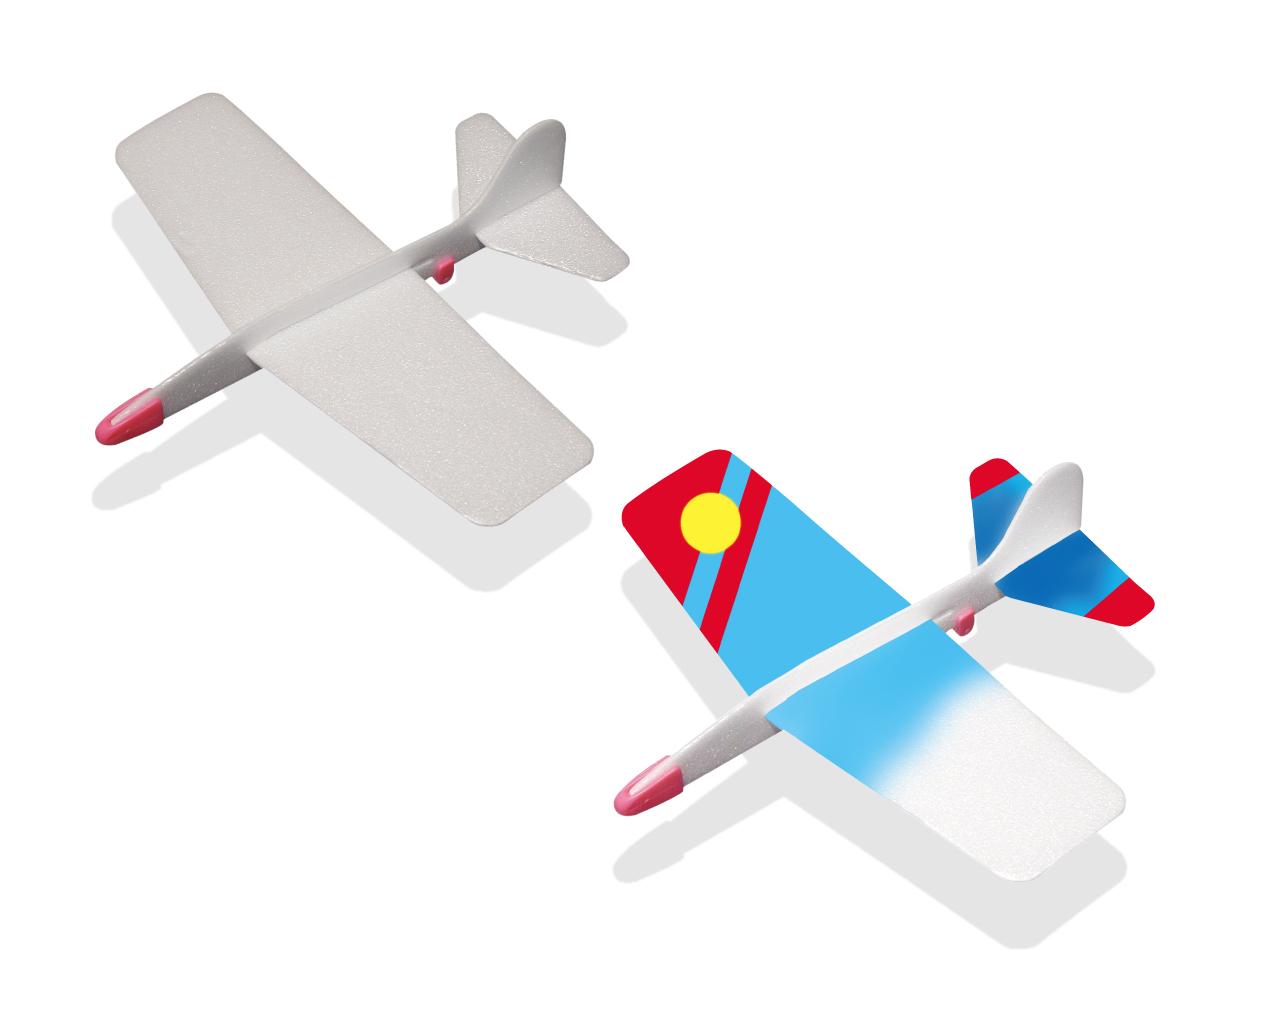 PG オリジナルの飛行機